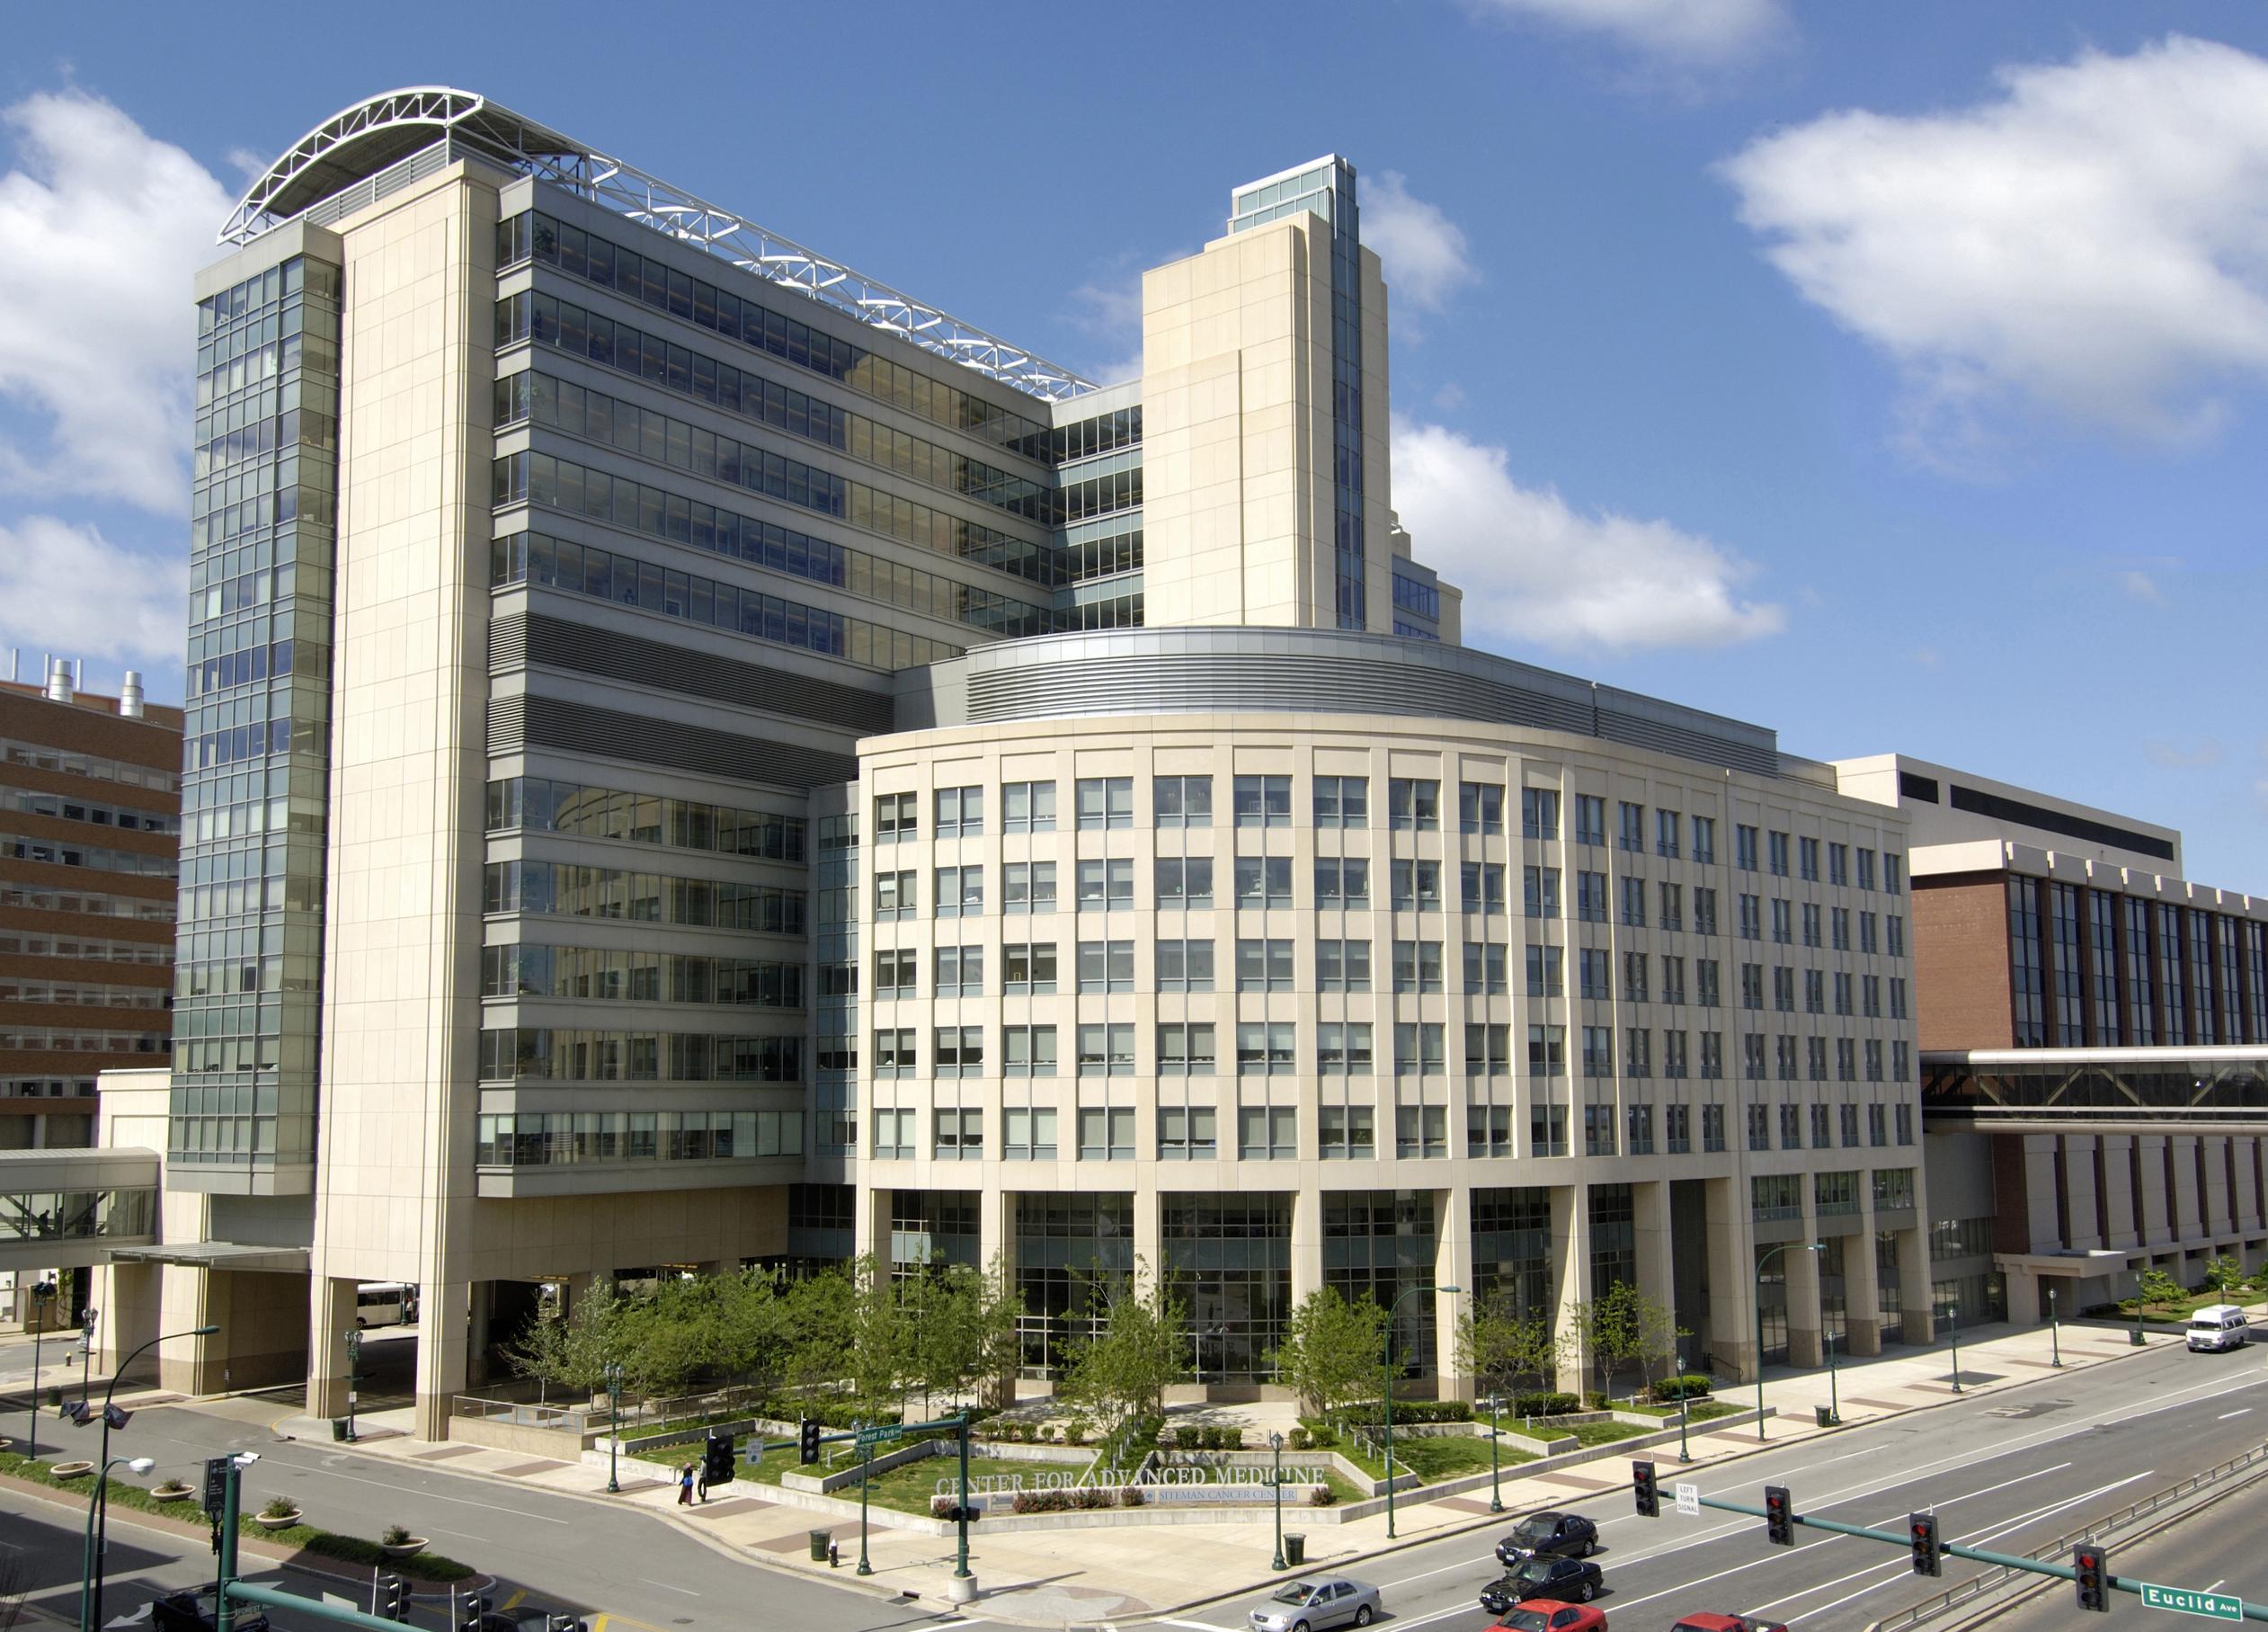 Siteman Cancer Center, St. Louis, Missouri